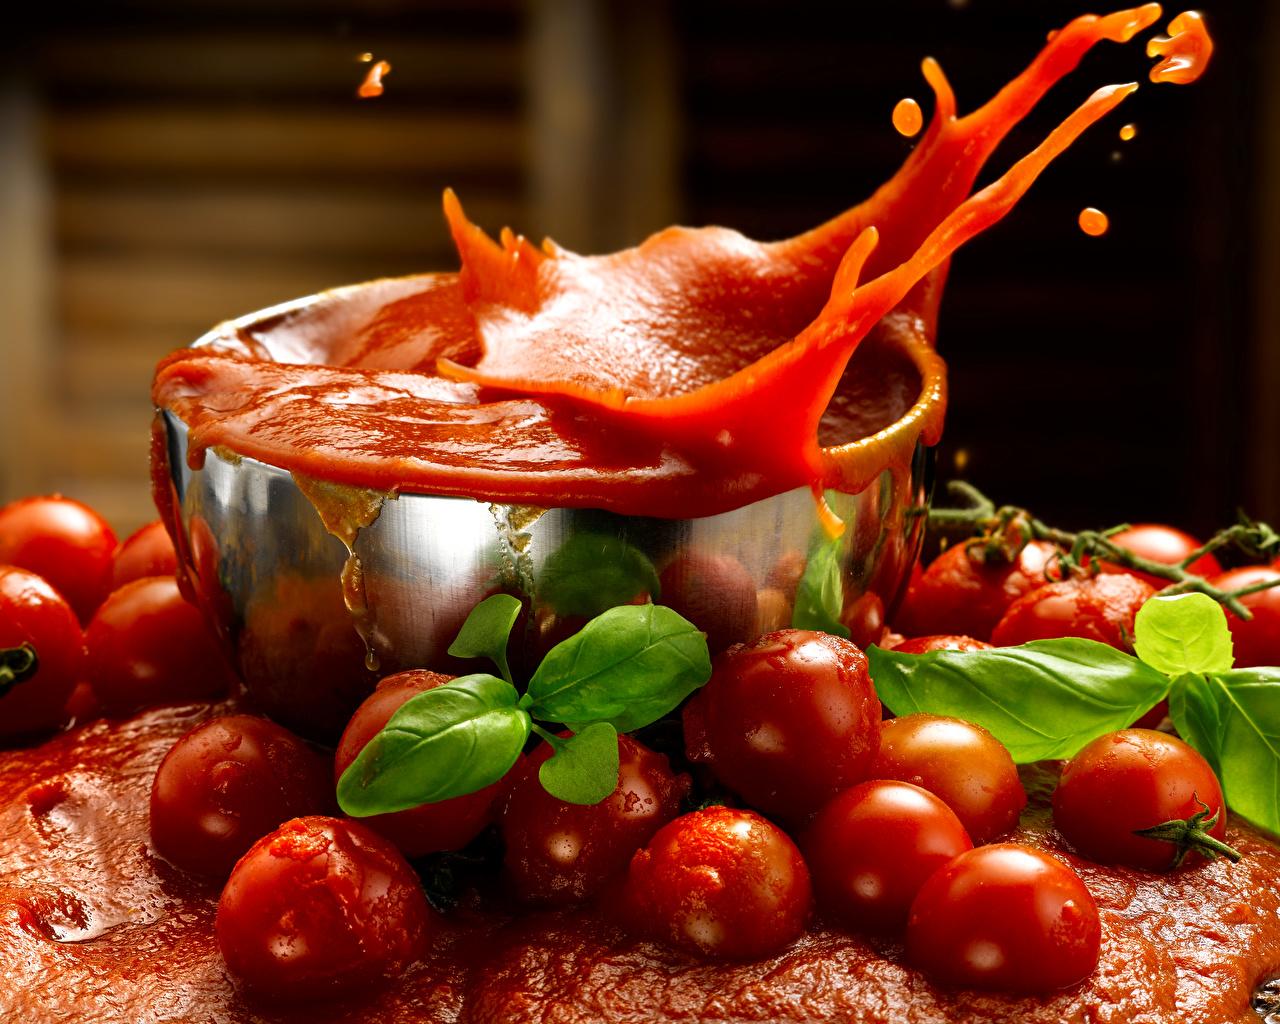 Фото Сок Помидоры Брызги Еда Томаты с брызгами Пища Продукты питания